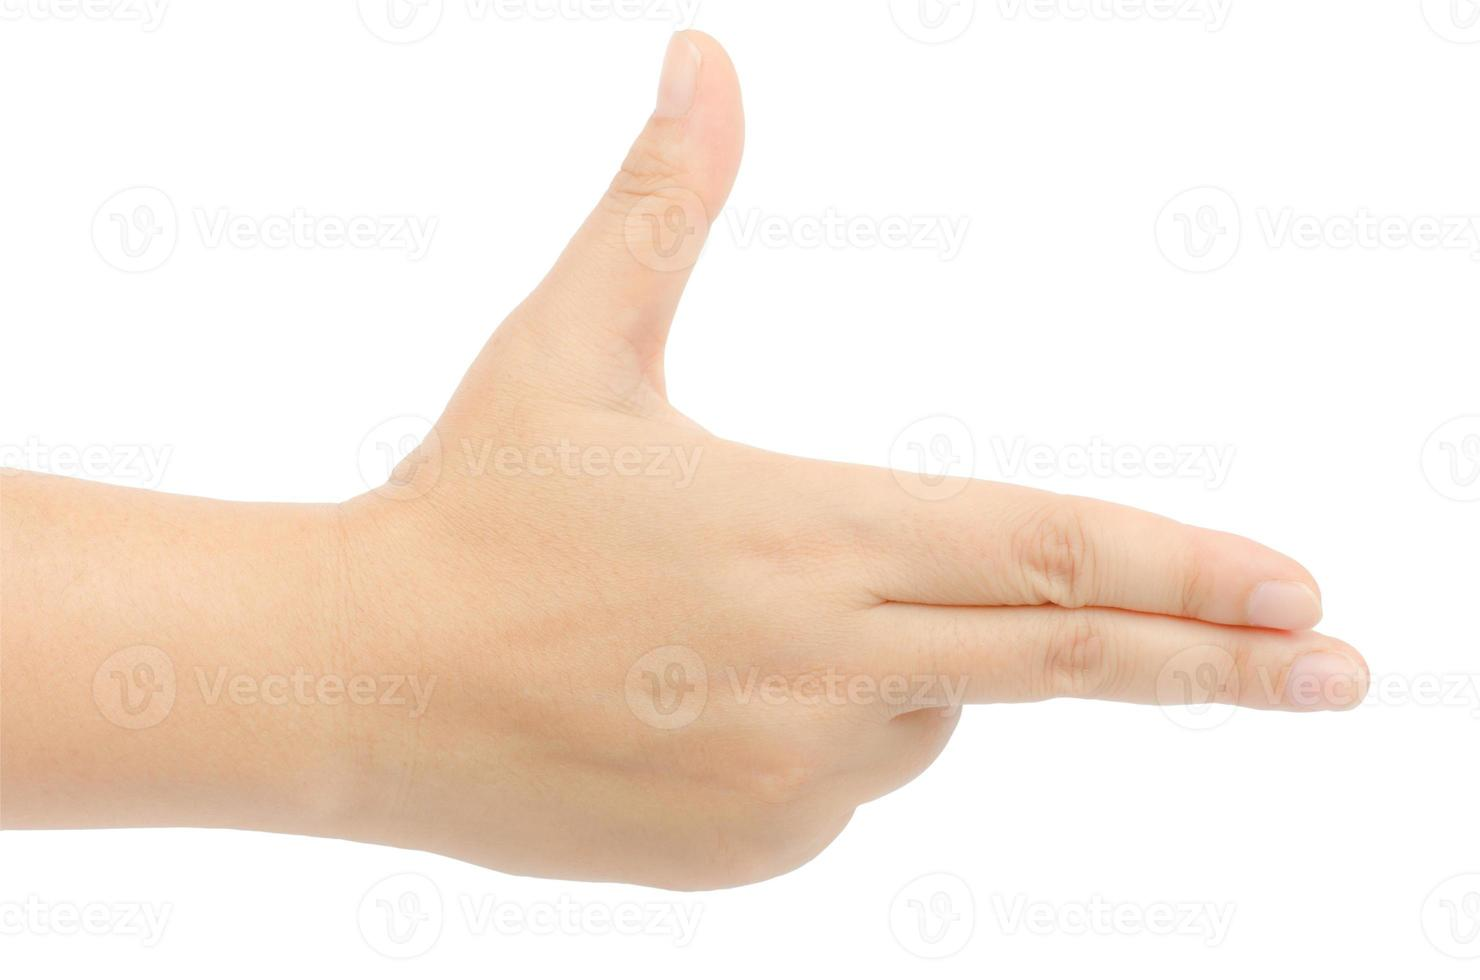 segno della mano foto